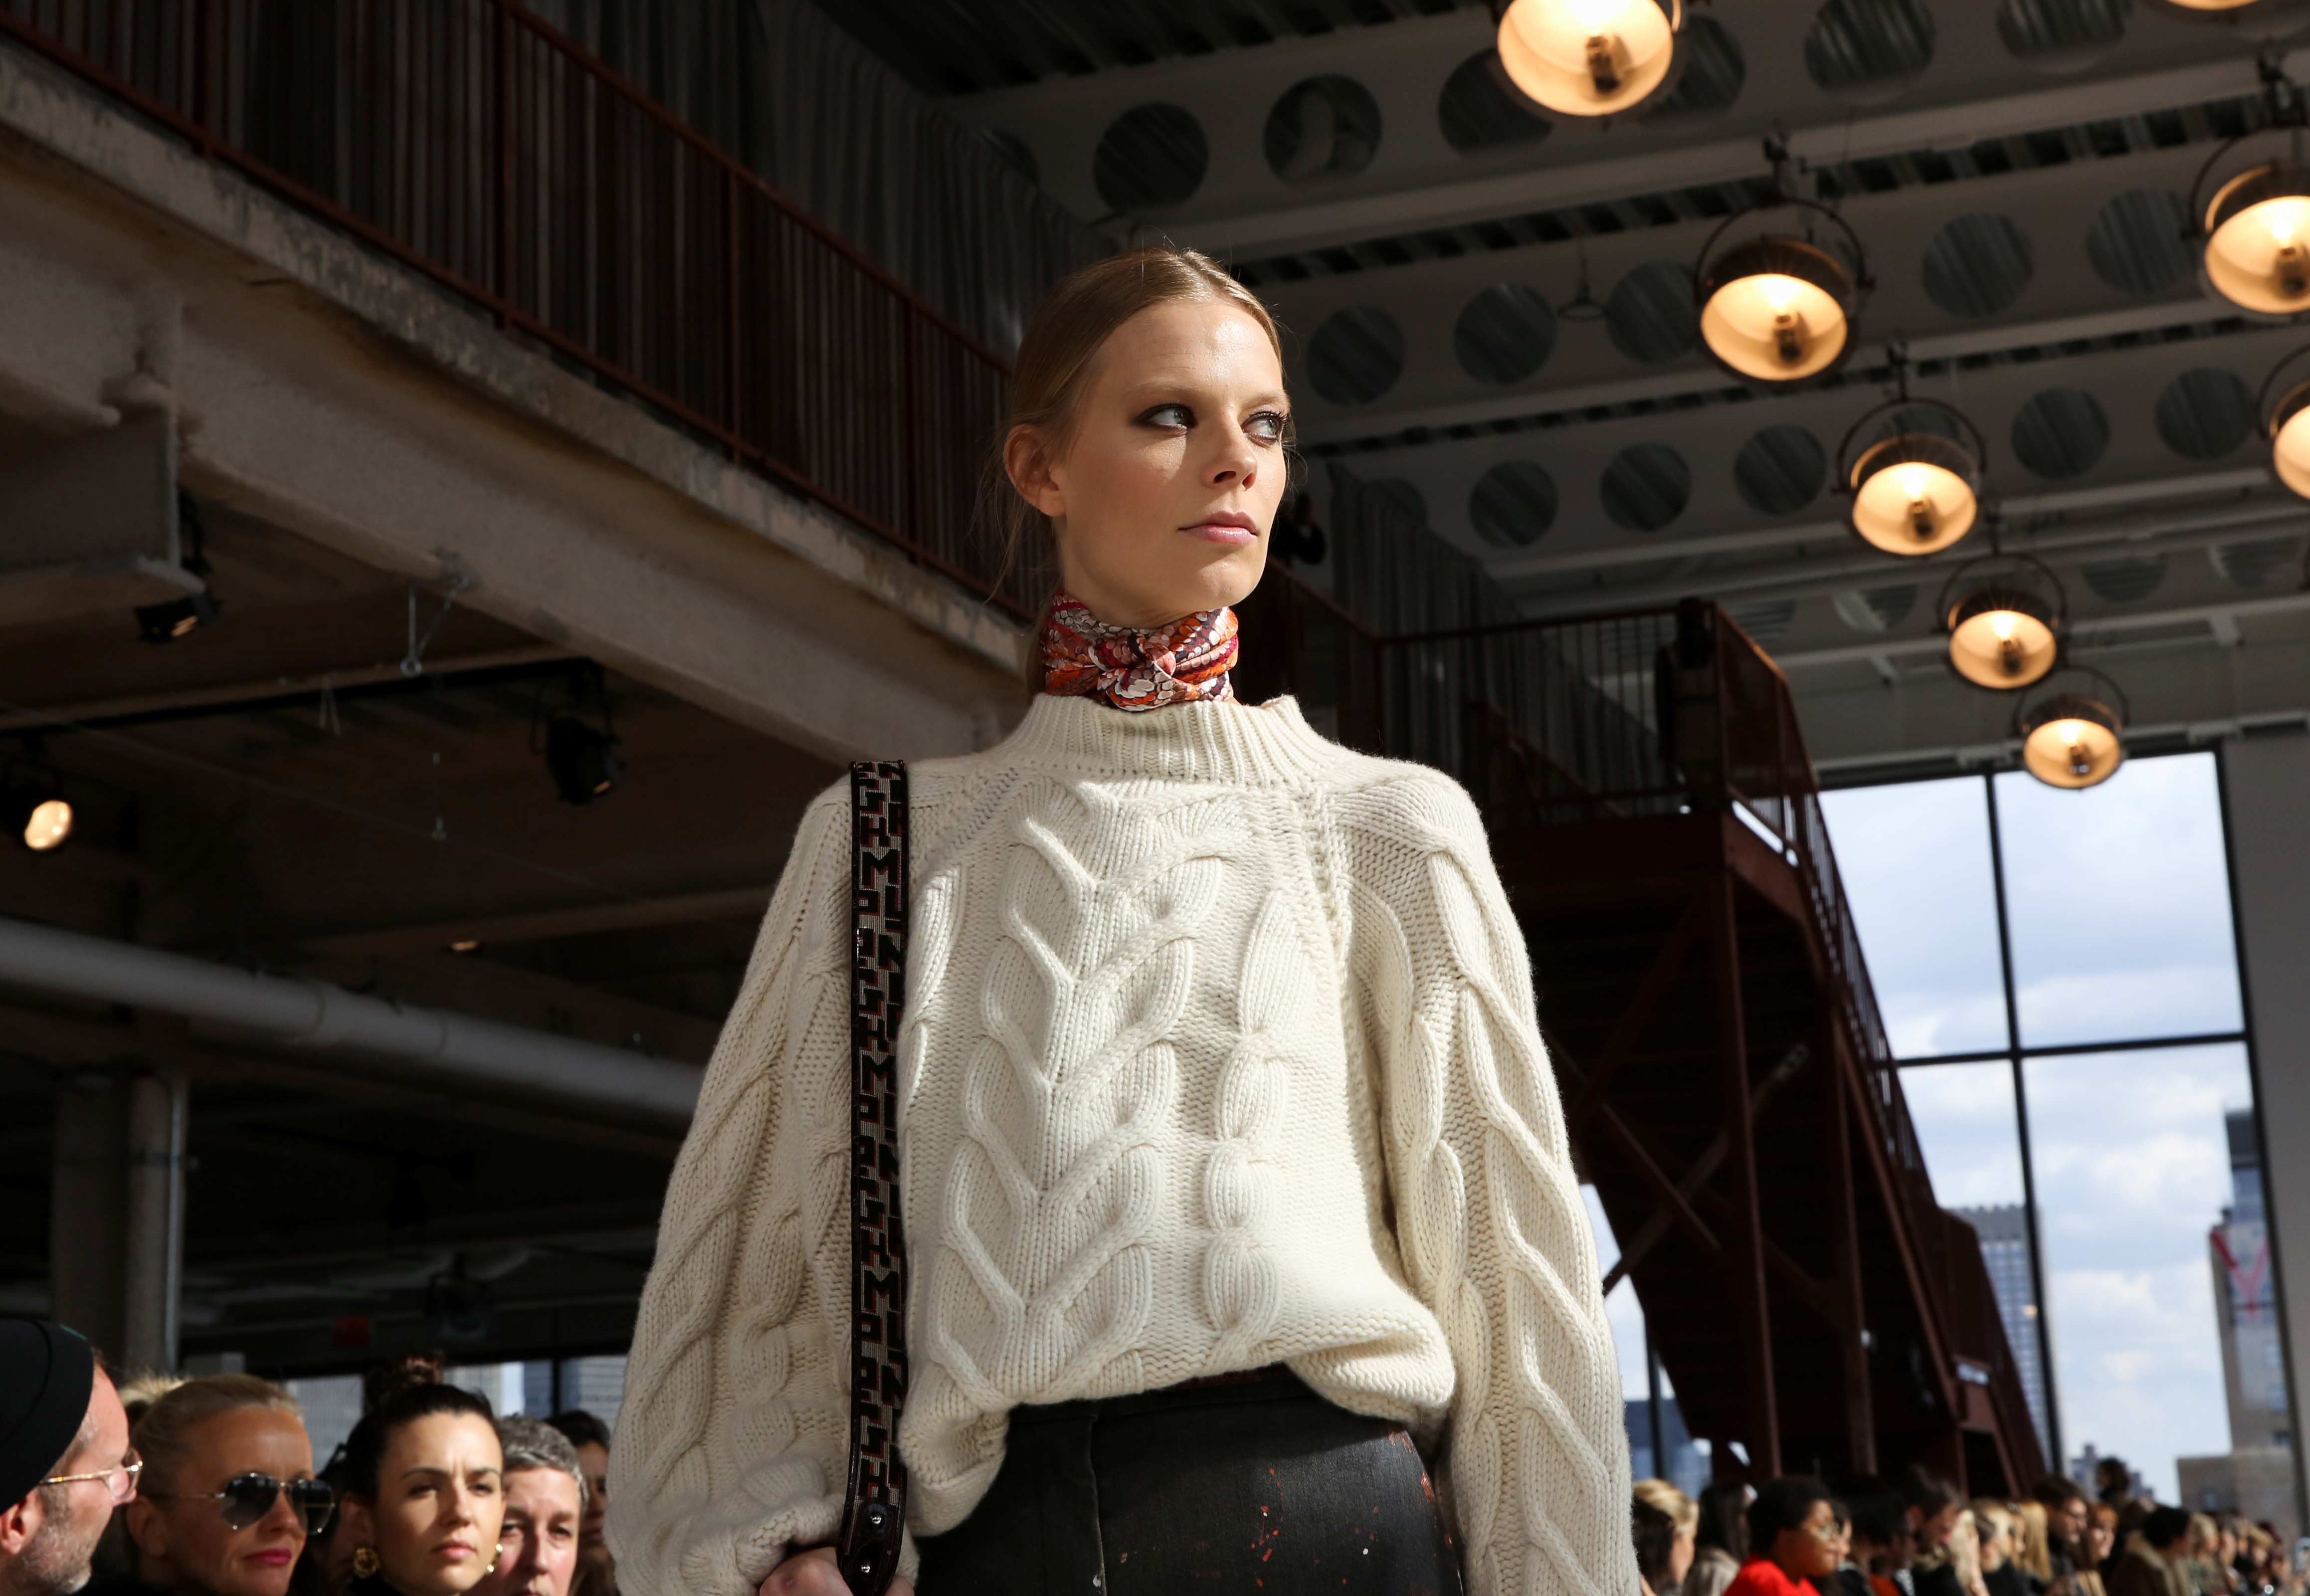 Los tejidos fueron protagonistas en la pasarela de Longchamp en una de las primeras jornadas del New York Fashion Week. Lexi Boling, es una de las modelos que es cara de la firma francesa